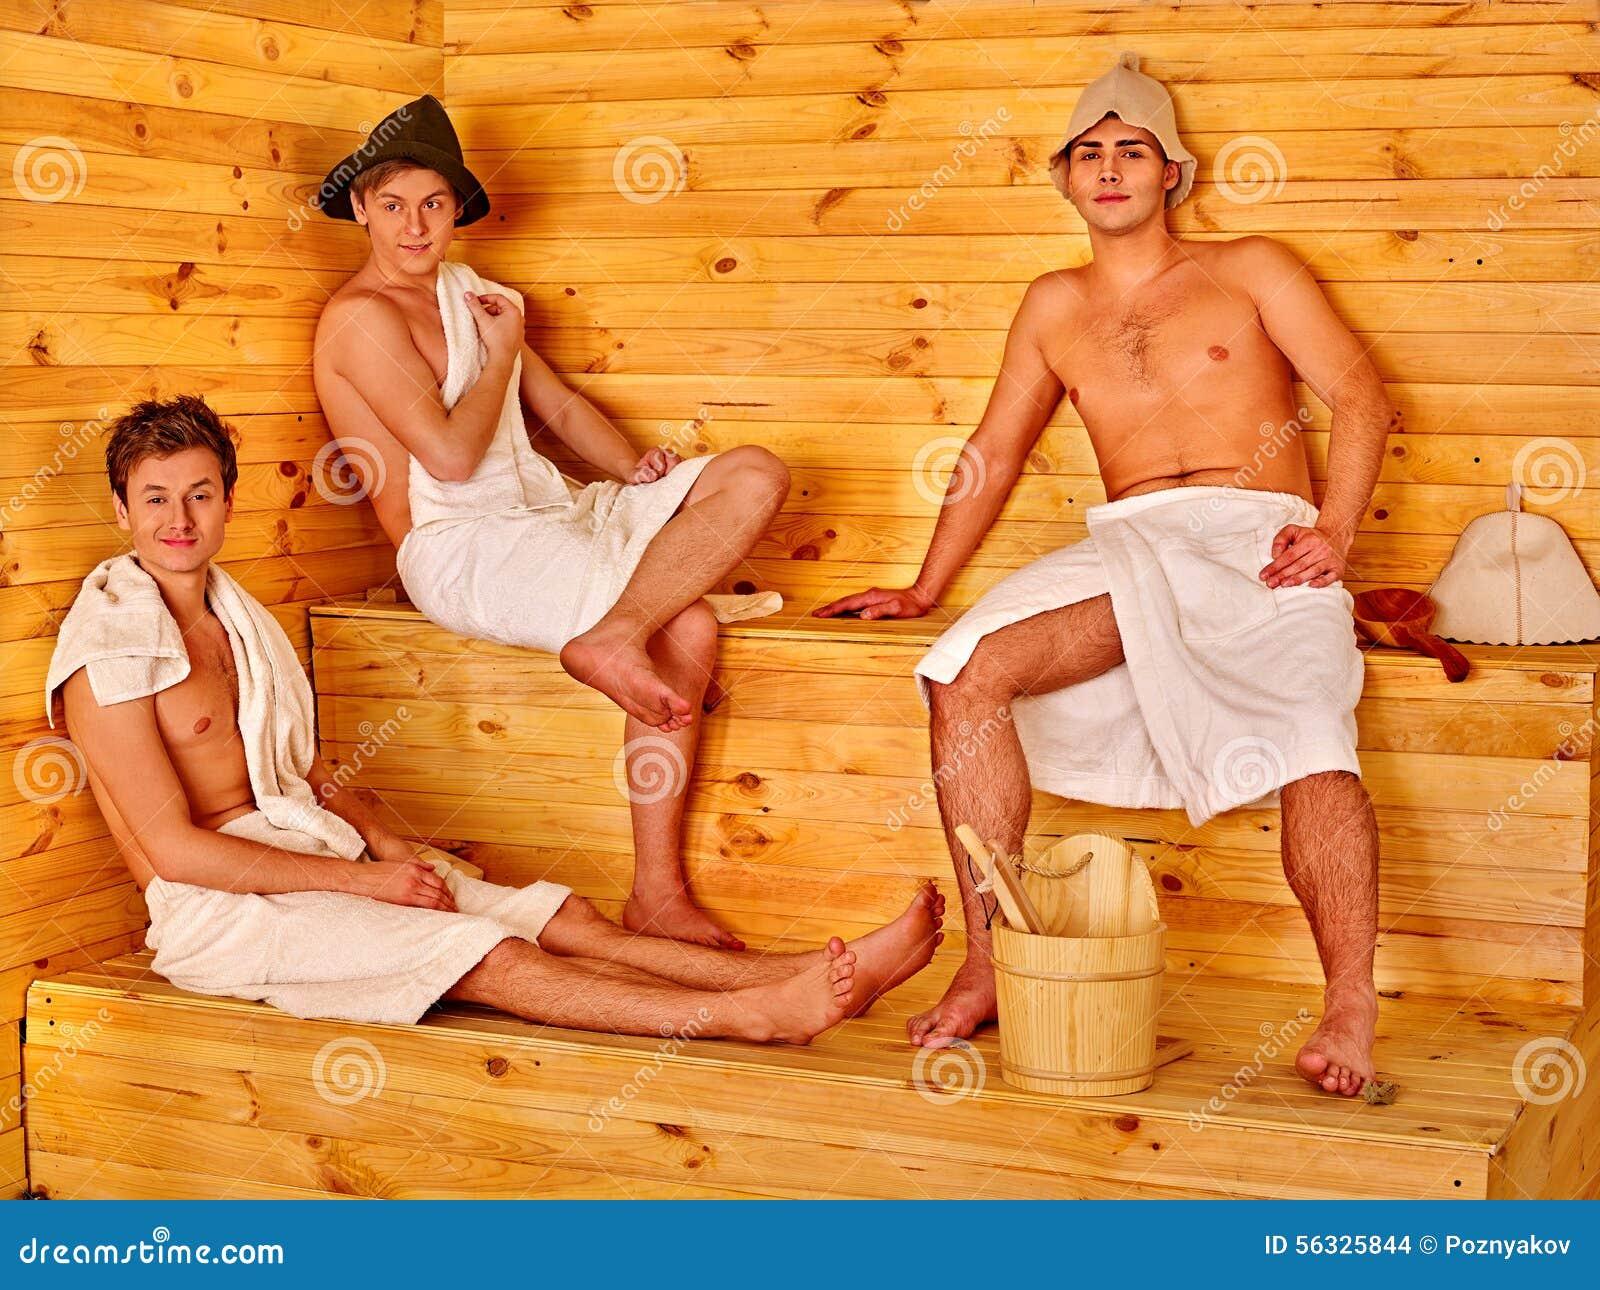 Русские студенты ебутся в бане, Студенты в сауне -видео. Смотреть Студенты 38 фотография